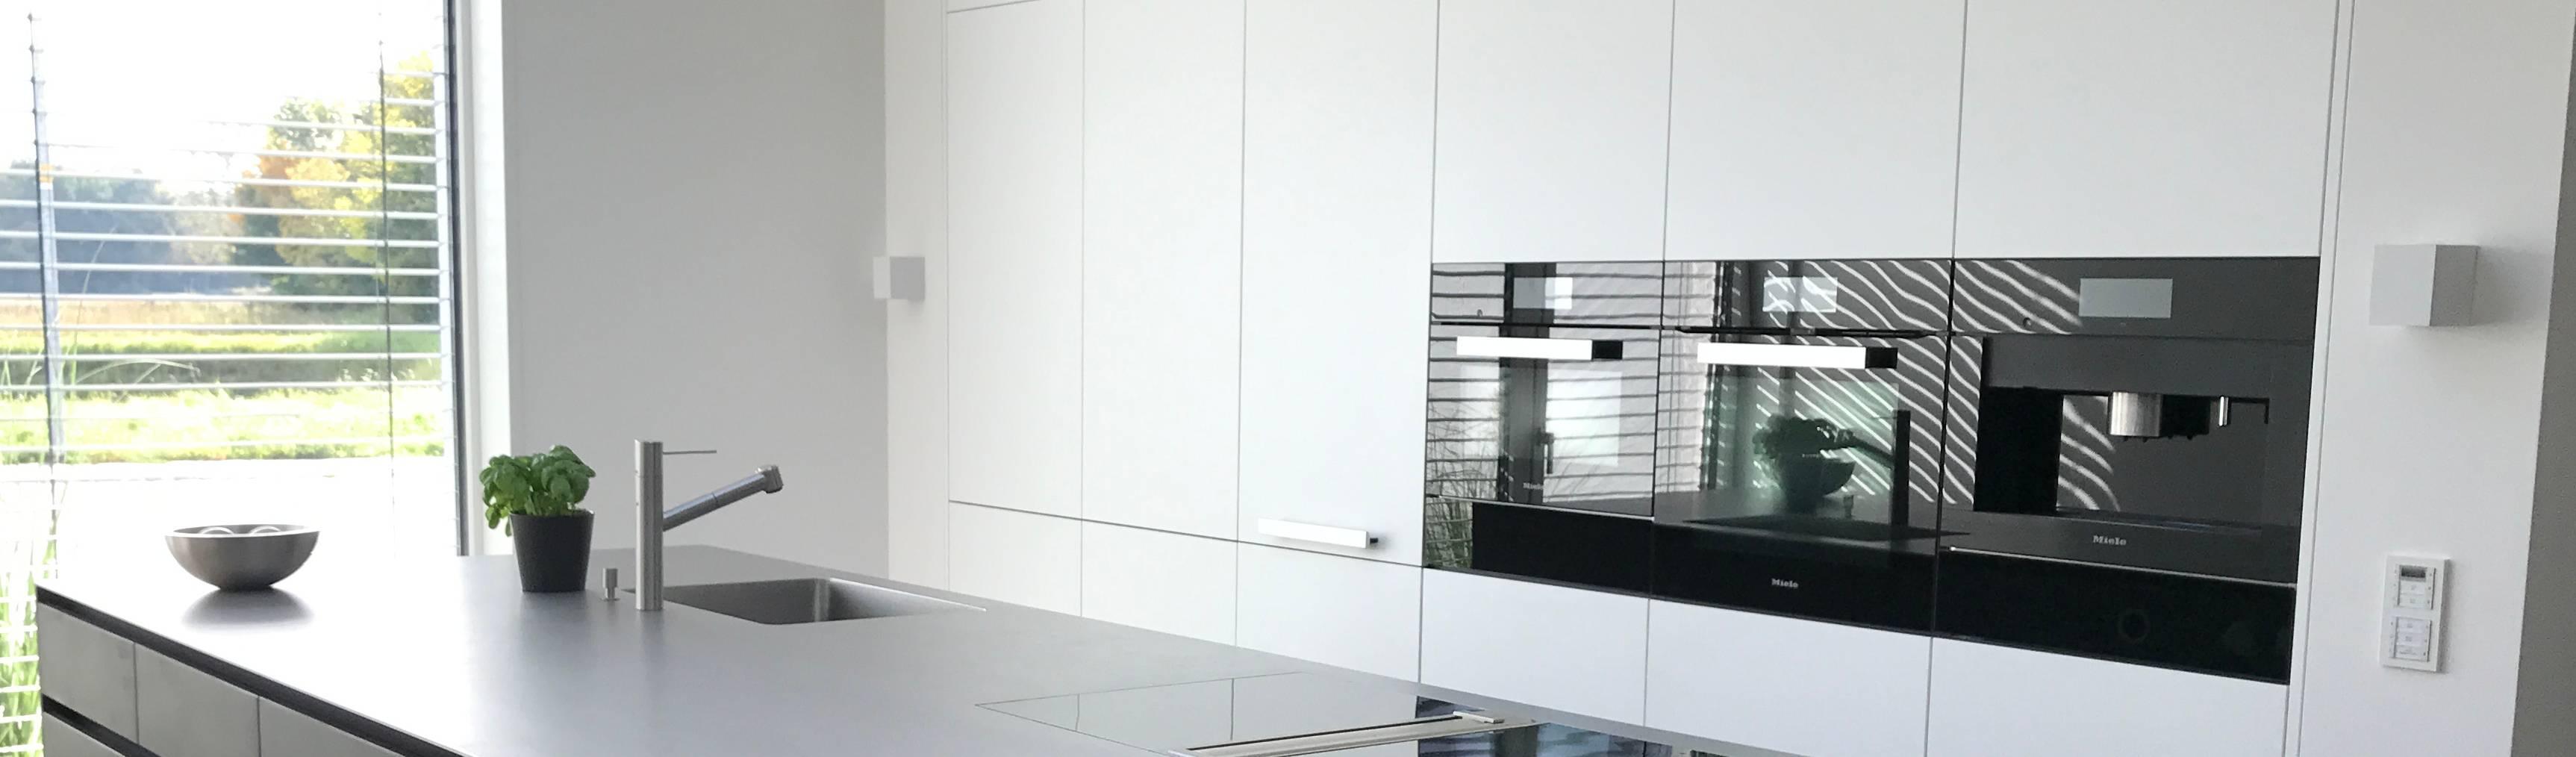 Wohn- und Küchendesign Meyer GmbH